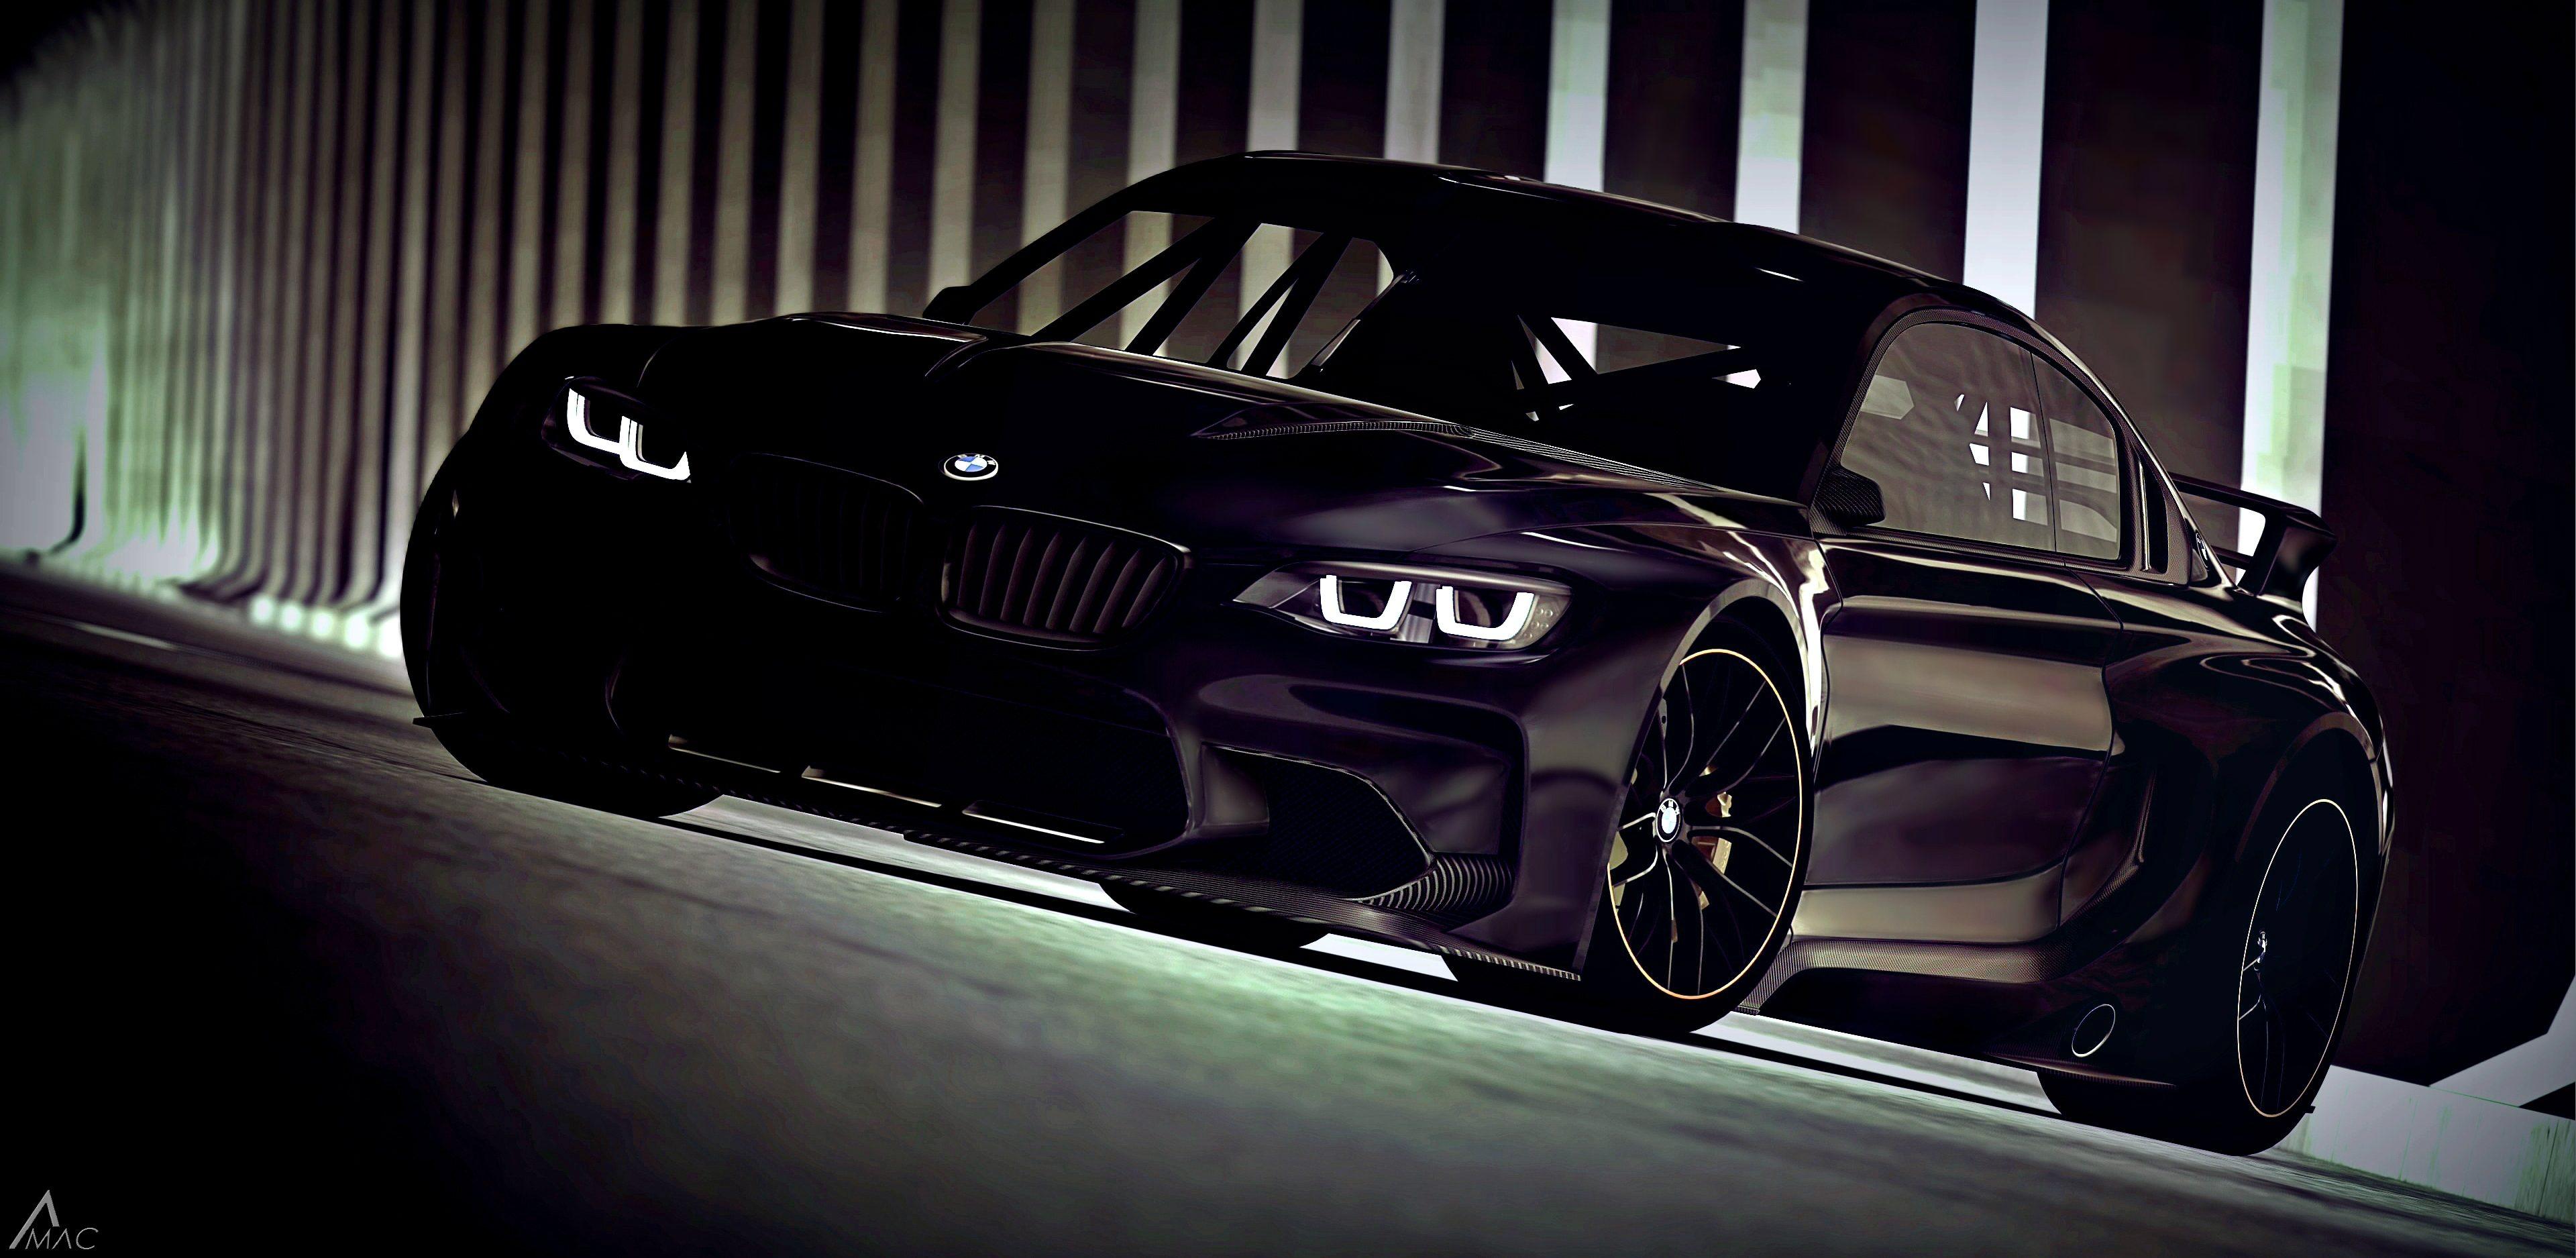 BMW-VGTEdit1WIPFinal.jpg.jpg